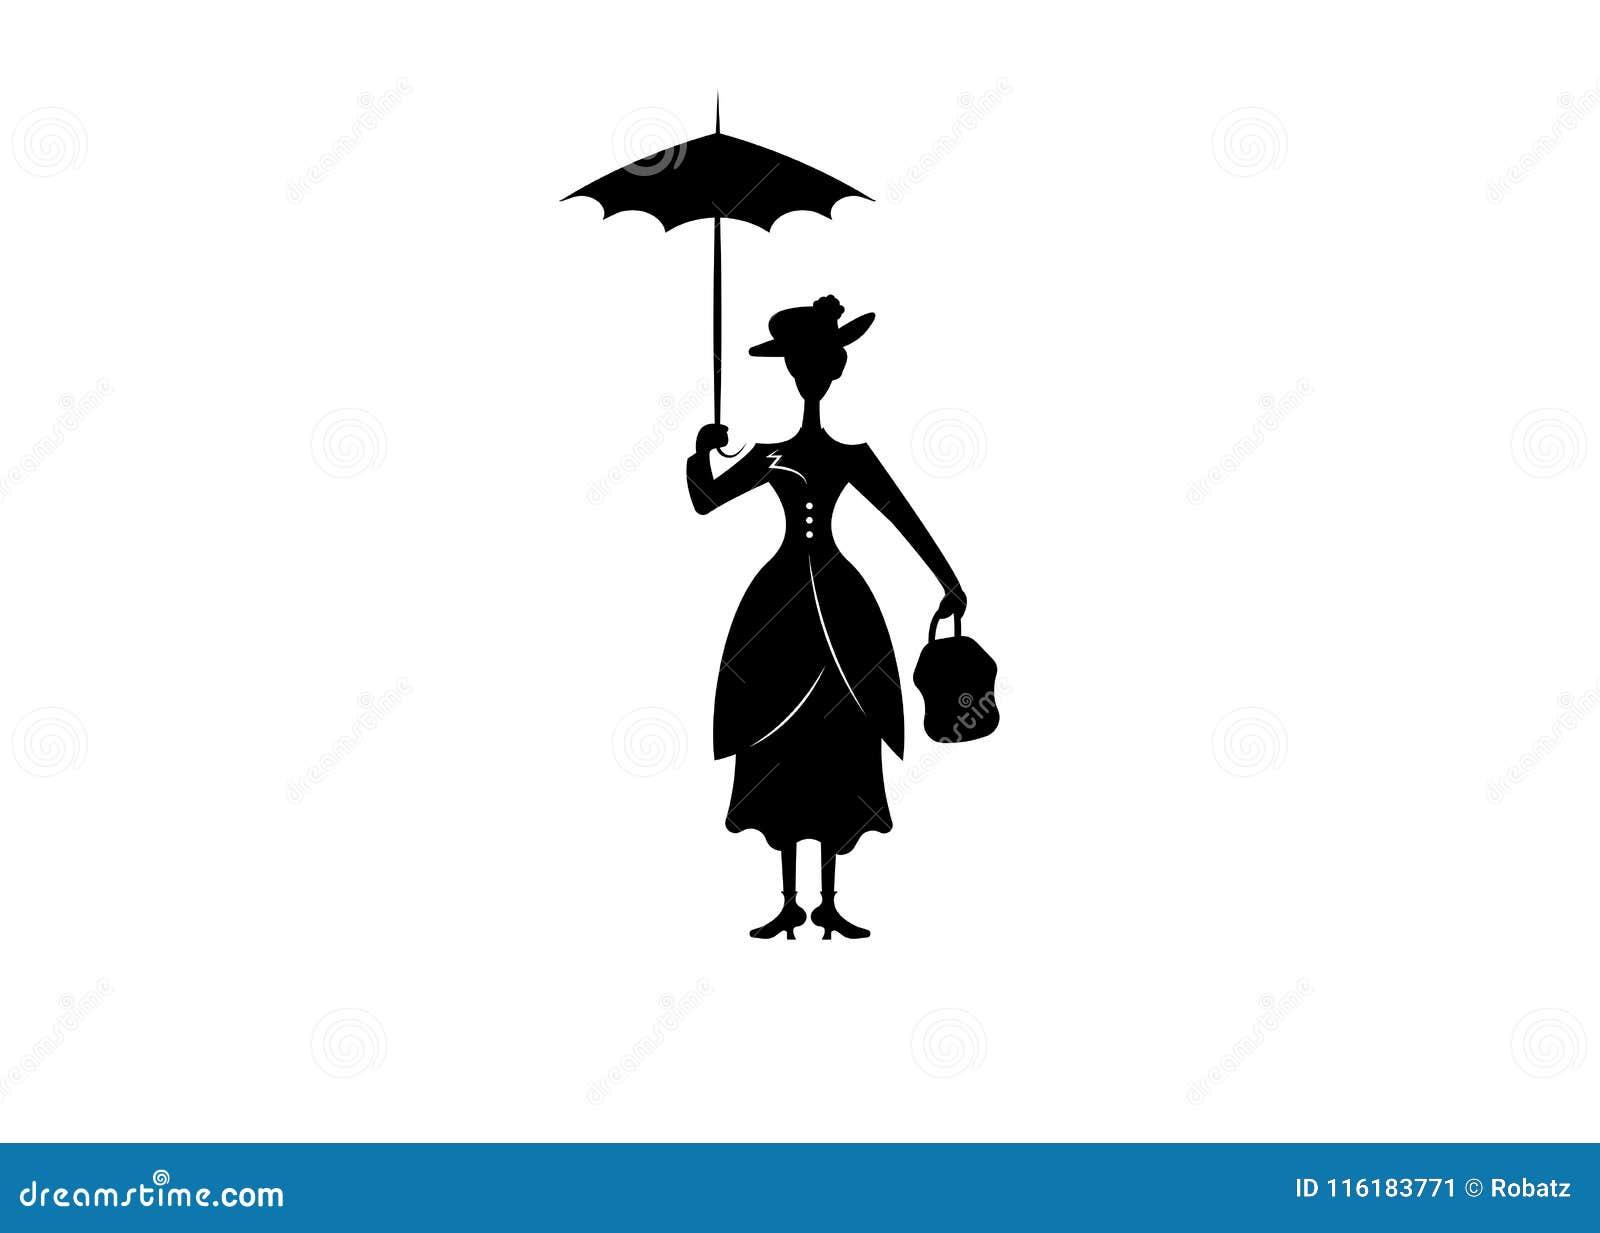 Het silhouetmeisje drijft met paraplu in zijn hand, Mary Poppins-stijl, geïsoleerde vector